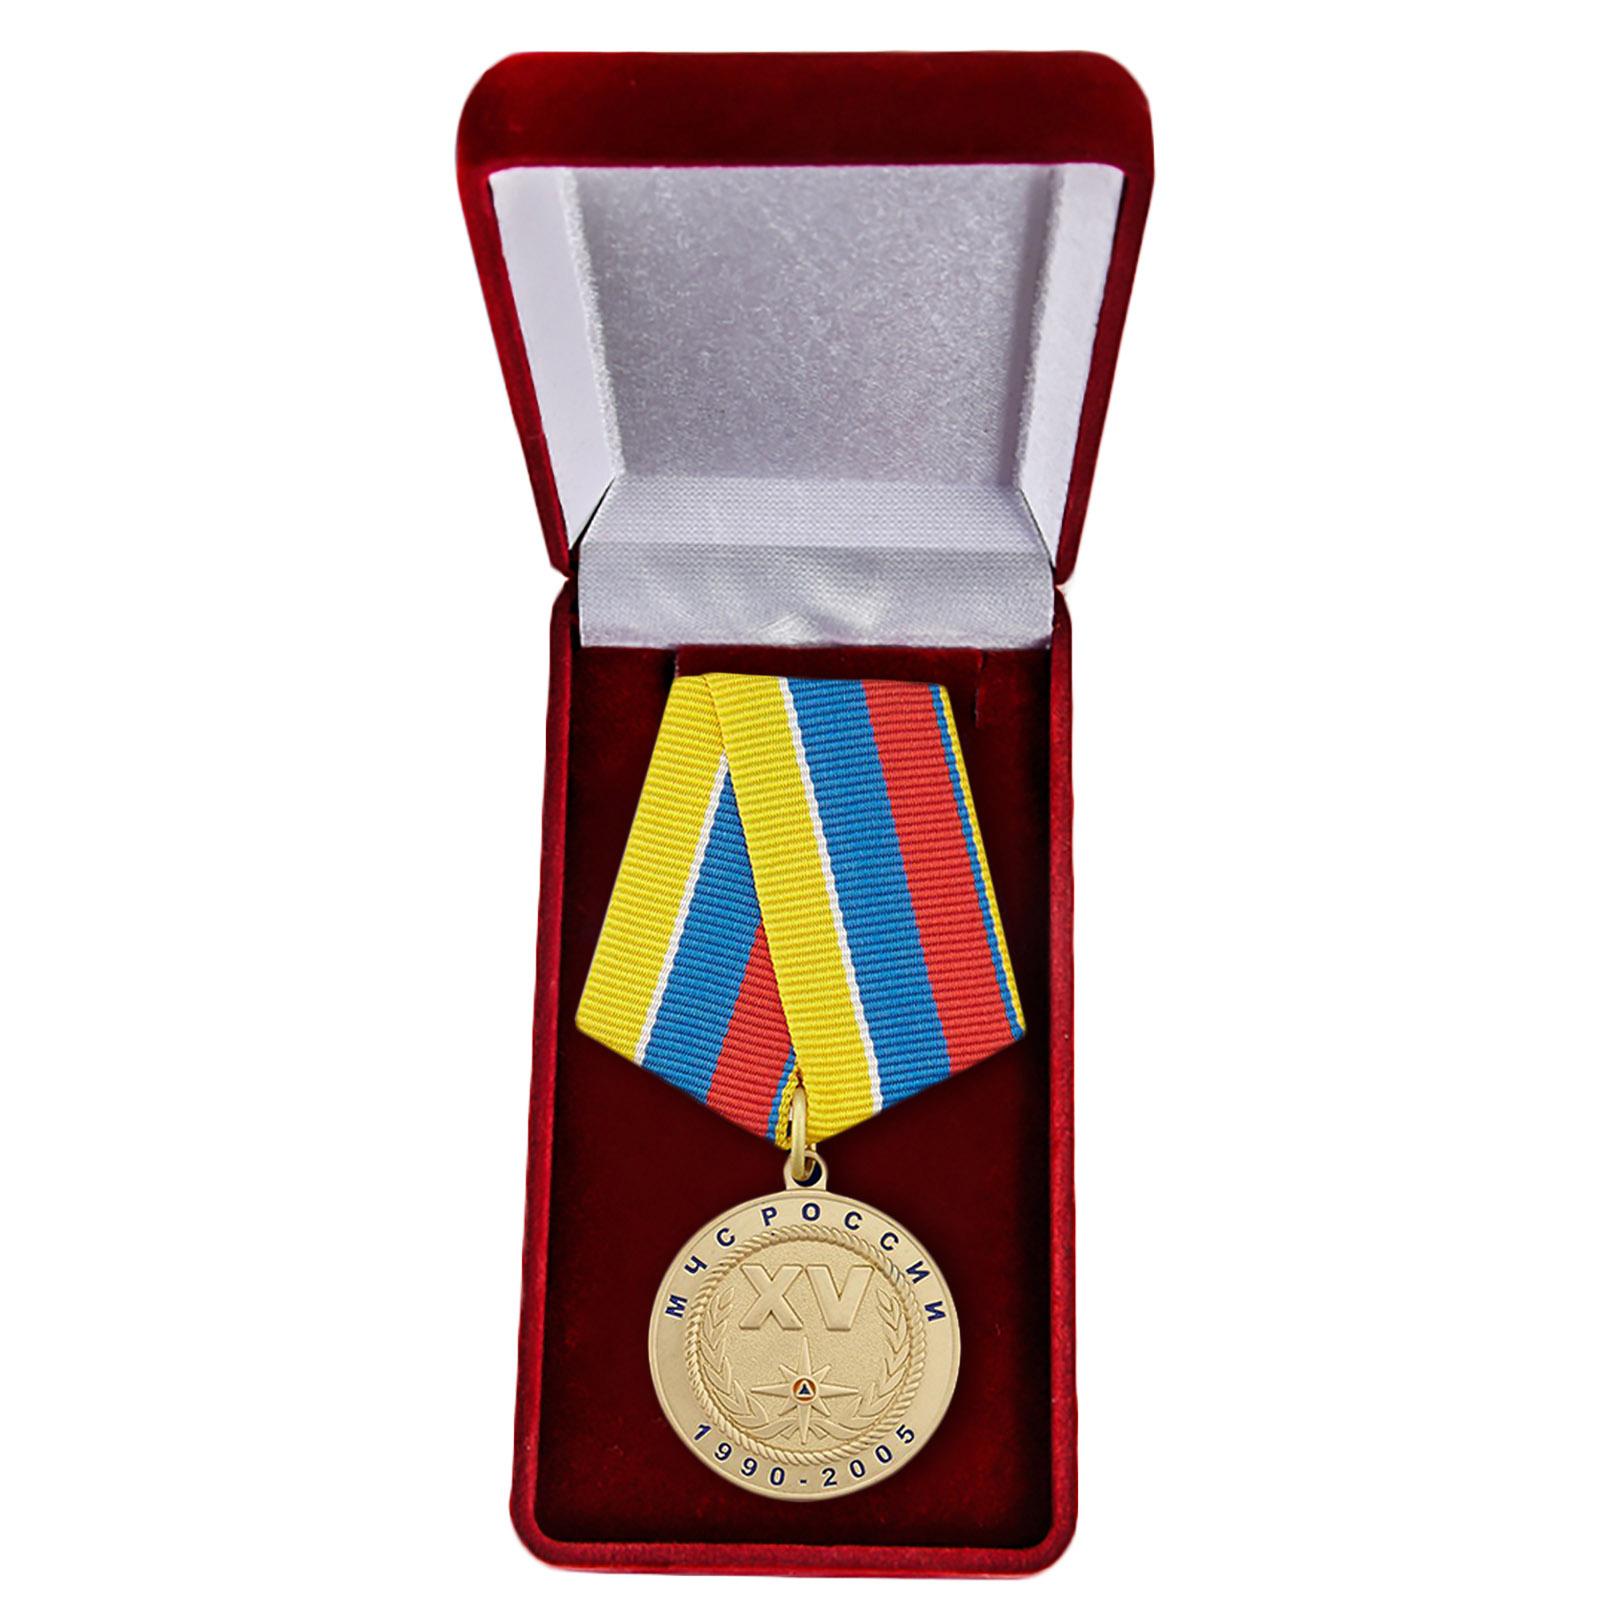 Медаль МЧС РФ «За особые заслуги» - в футляре